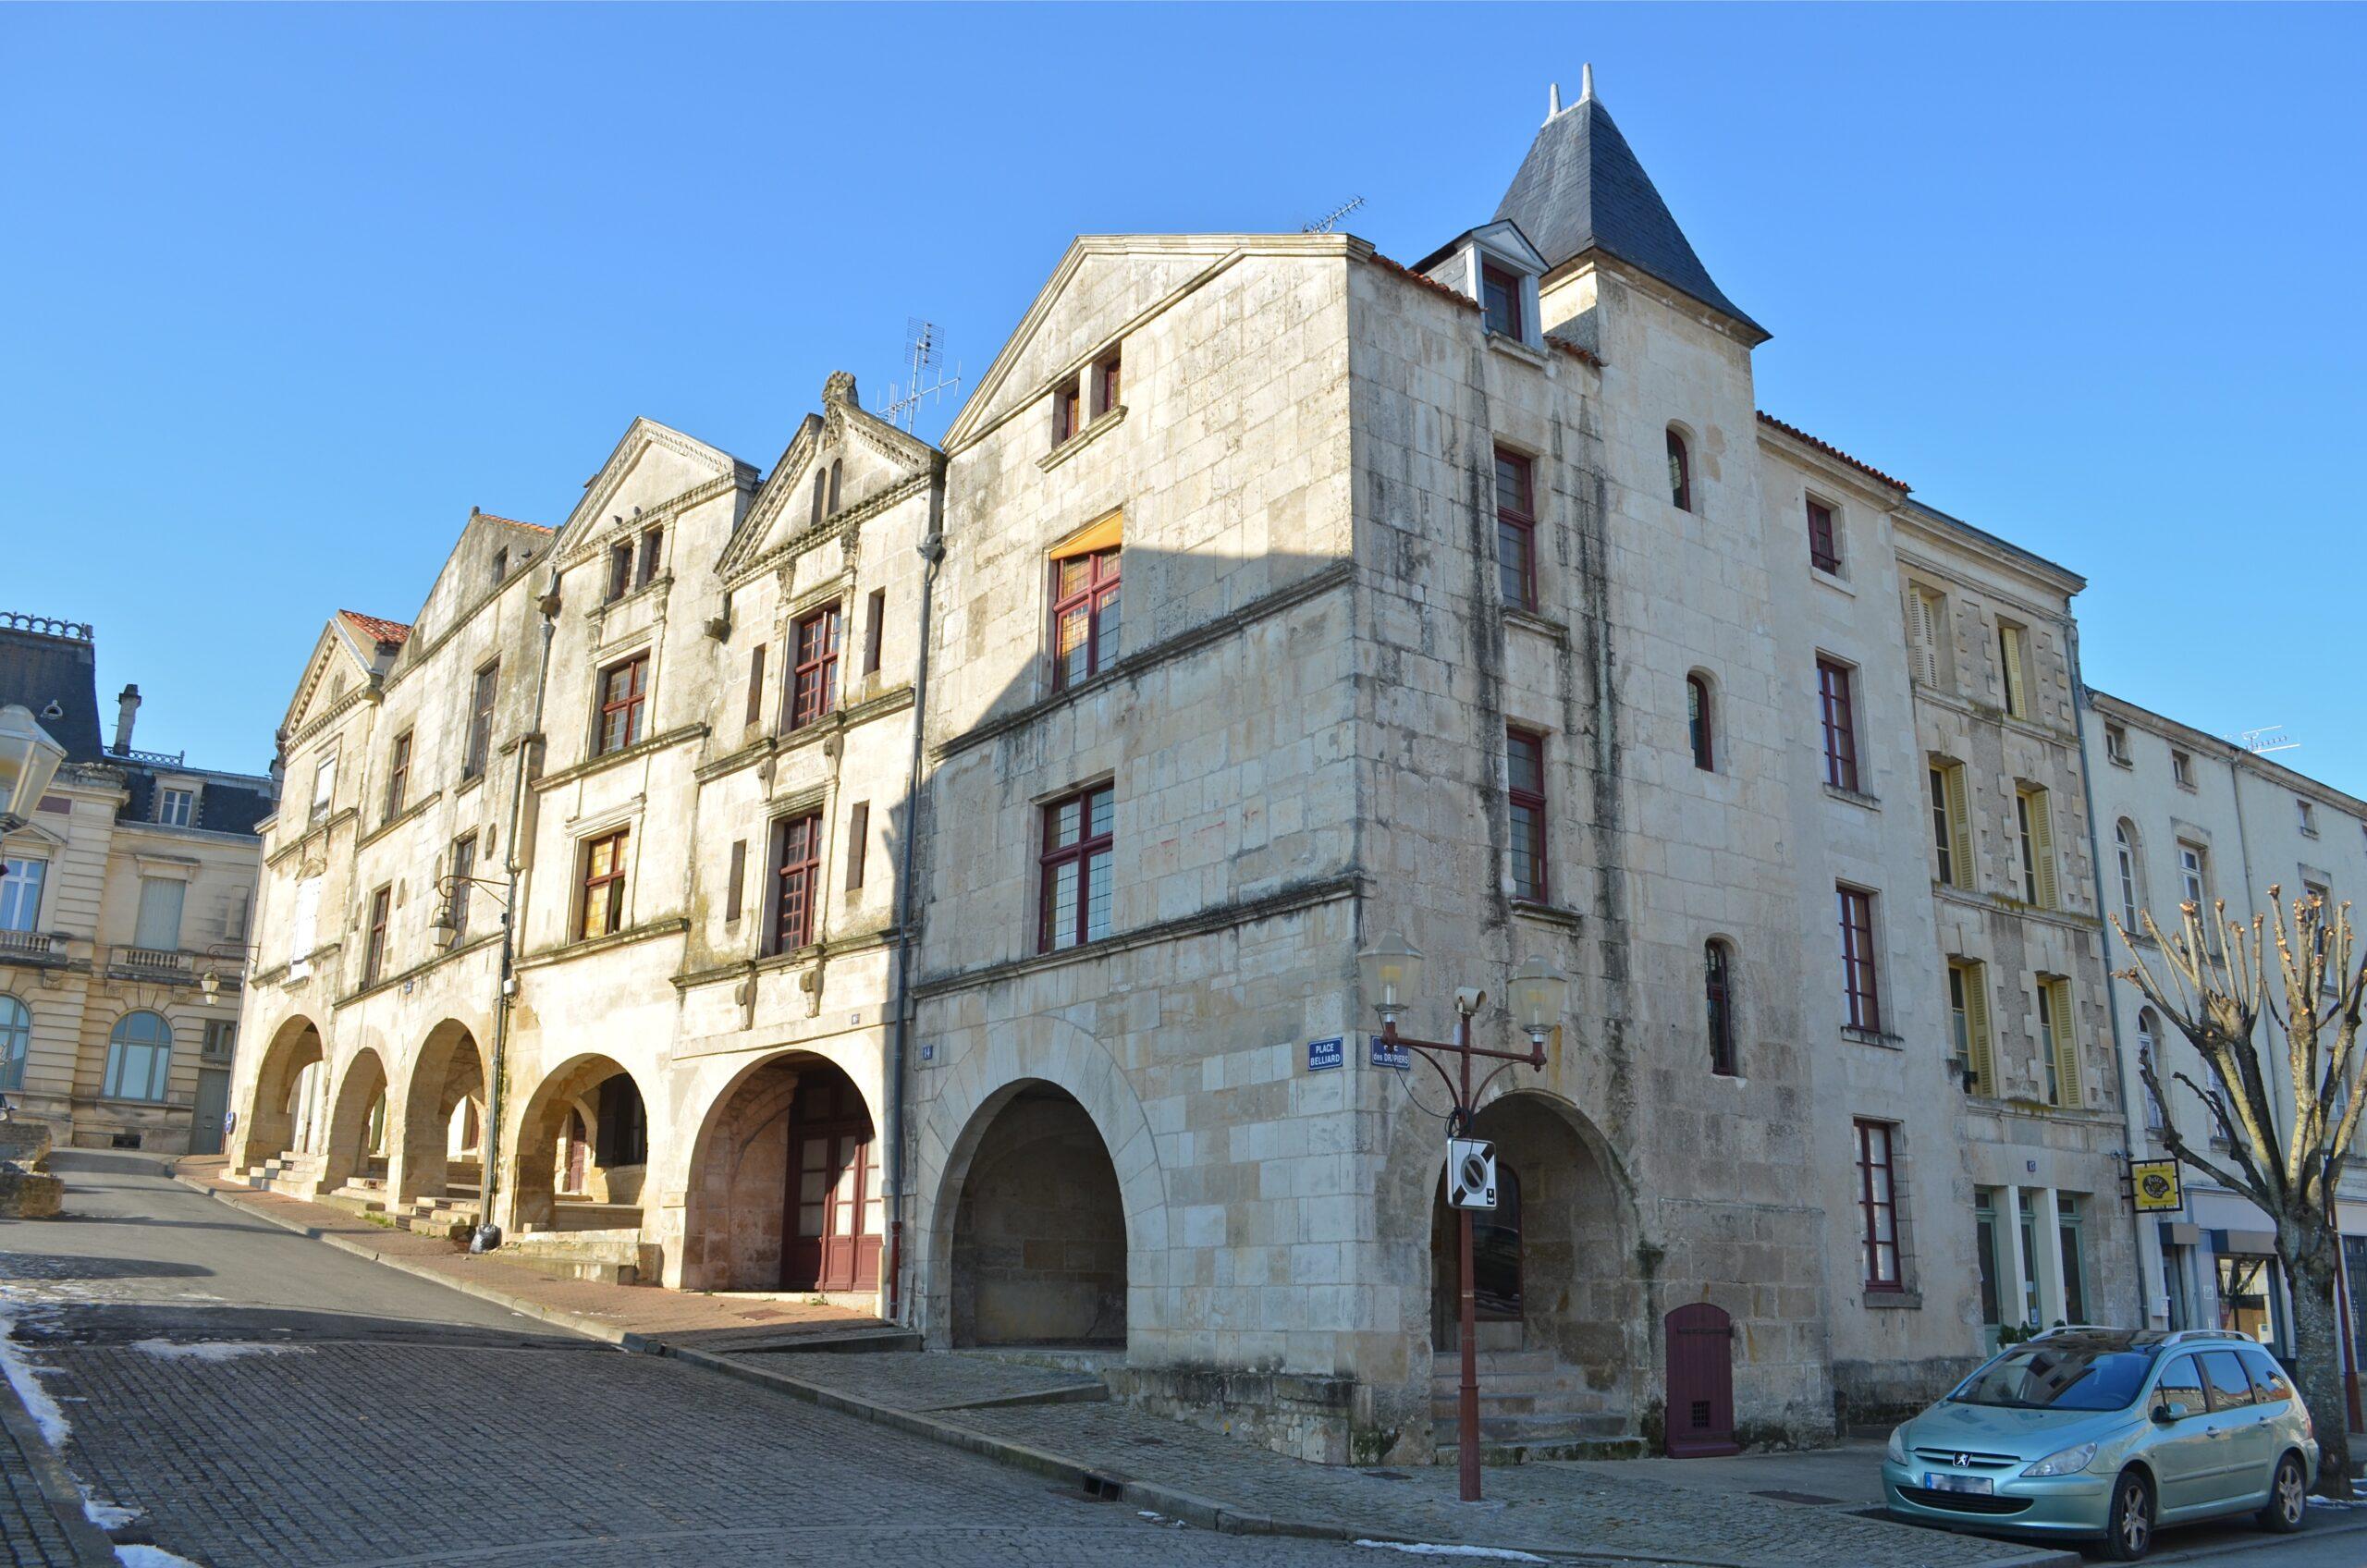 Fontenay-le-Comte_-_Place_Belliard_(2)